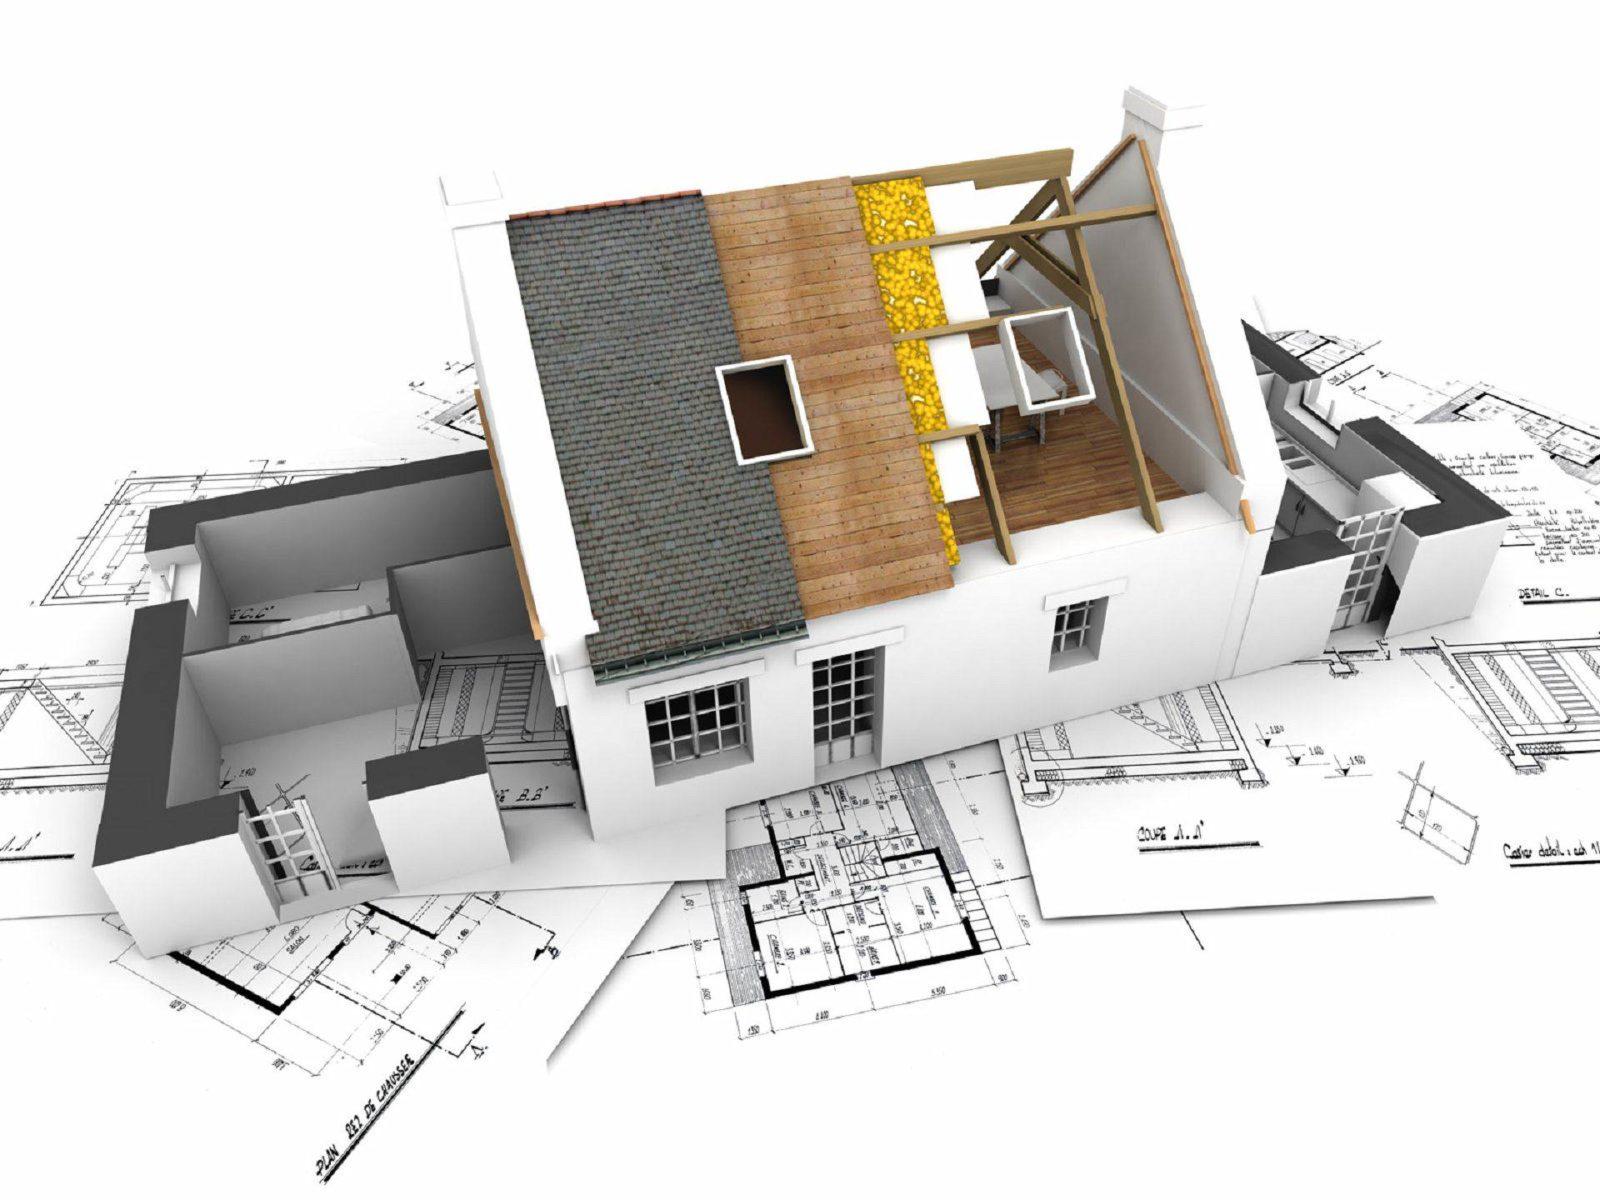 [:ua]Кошторис на будівництво будинку[:ru]Смета на строительство дома[:]